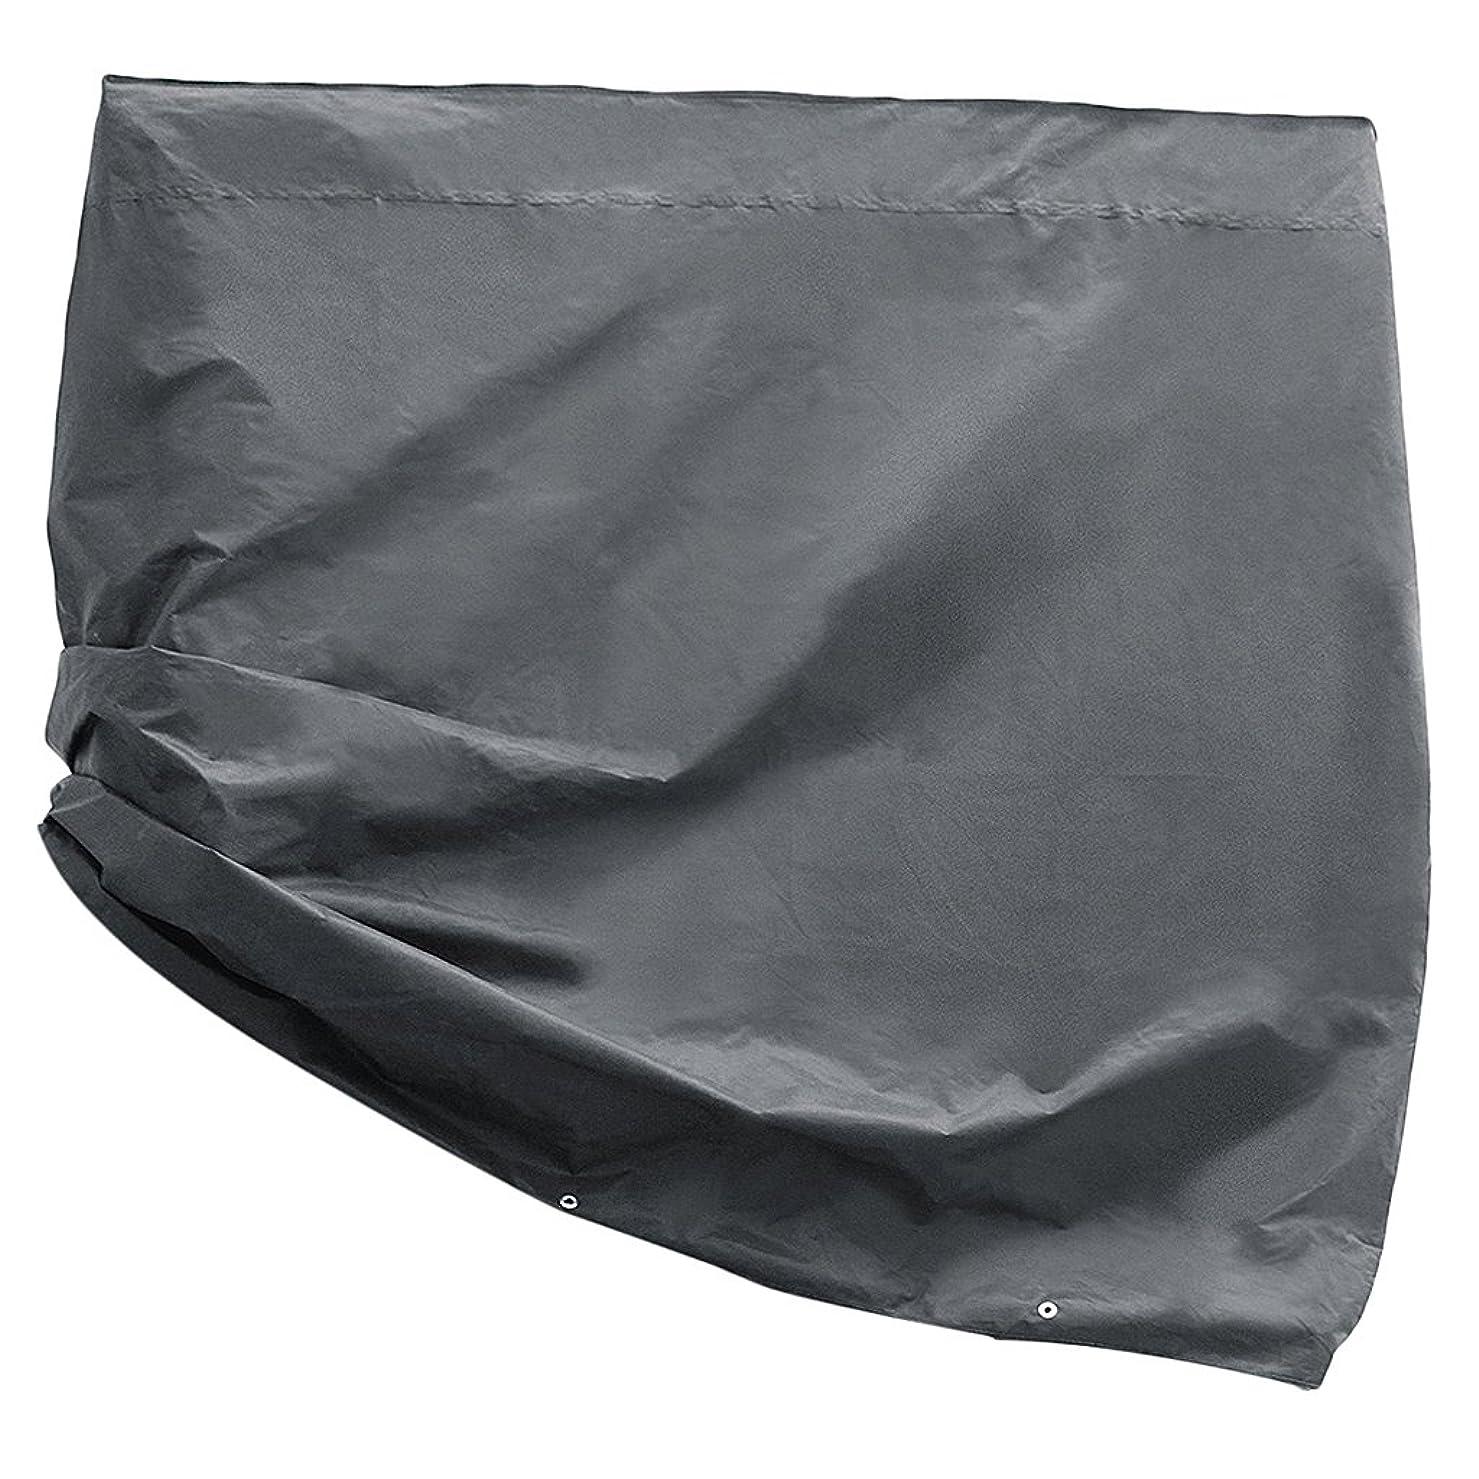 年金属性シガレットBaoblaze 卓球台用 保護カバー ほこり防止 UVカット 室内 屋外 ユニバーサル オックスフォード生地 収納カバー